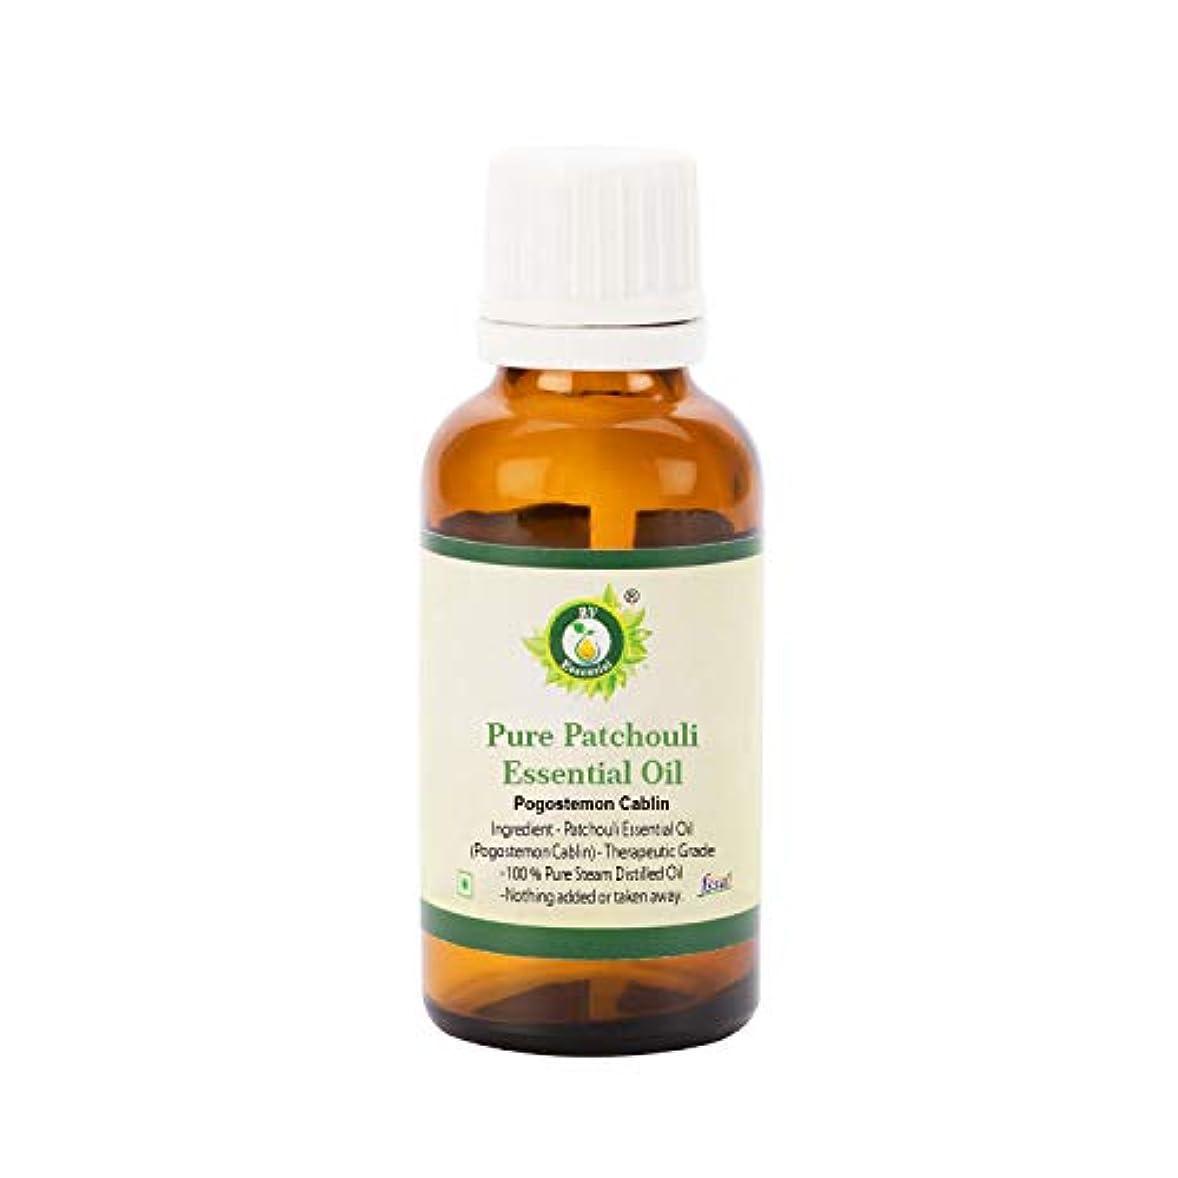 控えめな首謀者アクティビティR V Essential ピュアパチュリーエッセンシャルオイル30ml (1.01oz)- Pogostemon Cablin (100%純粋&天然スチームDistilled) Pure Patchouli Essential...